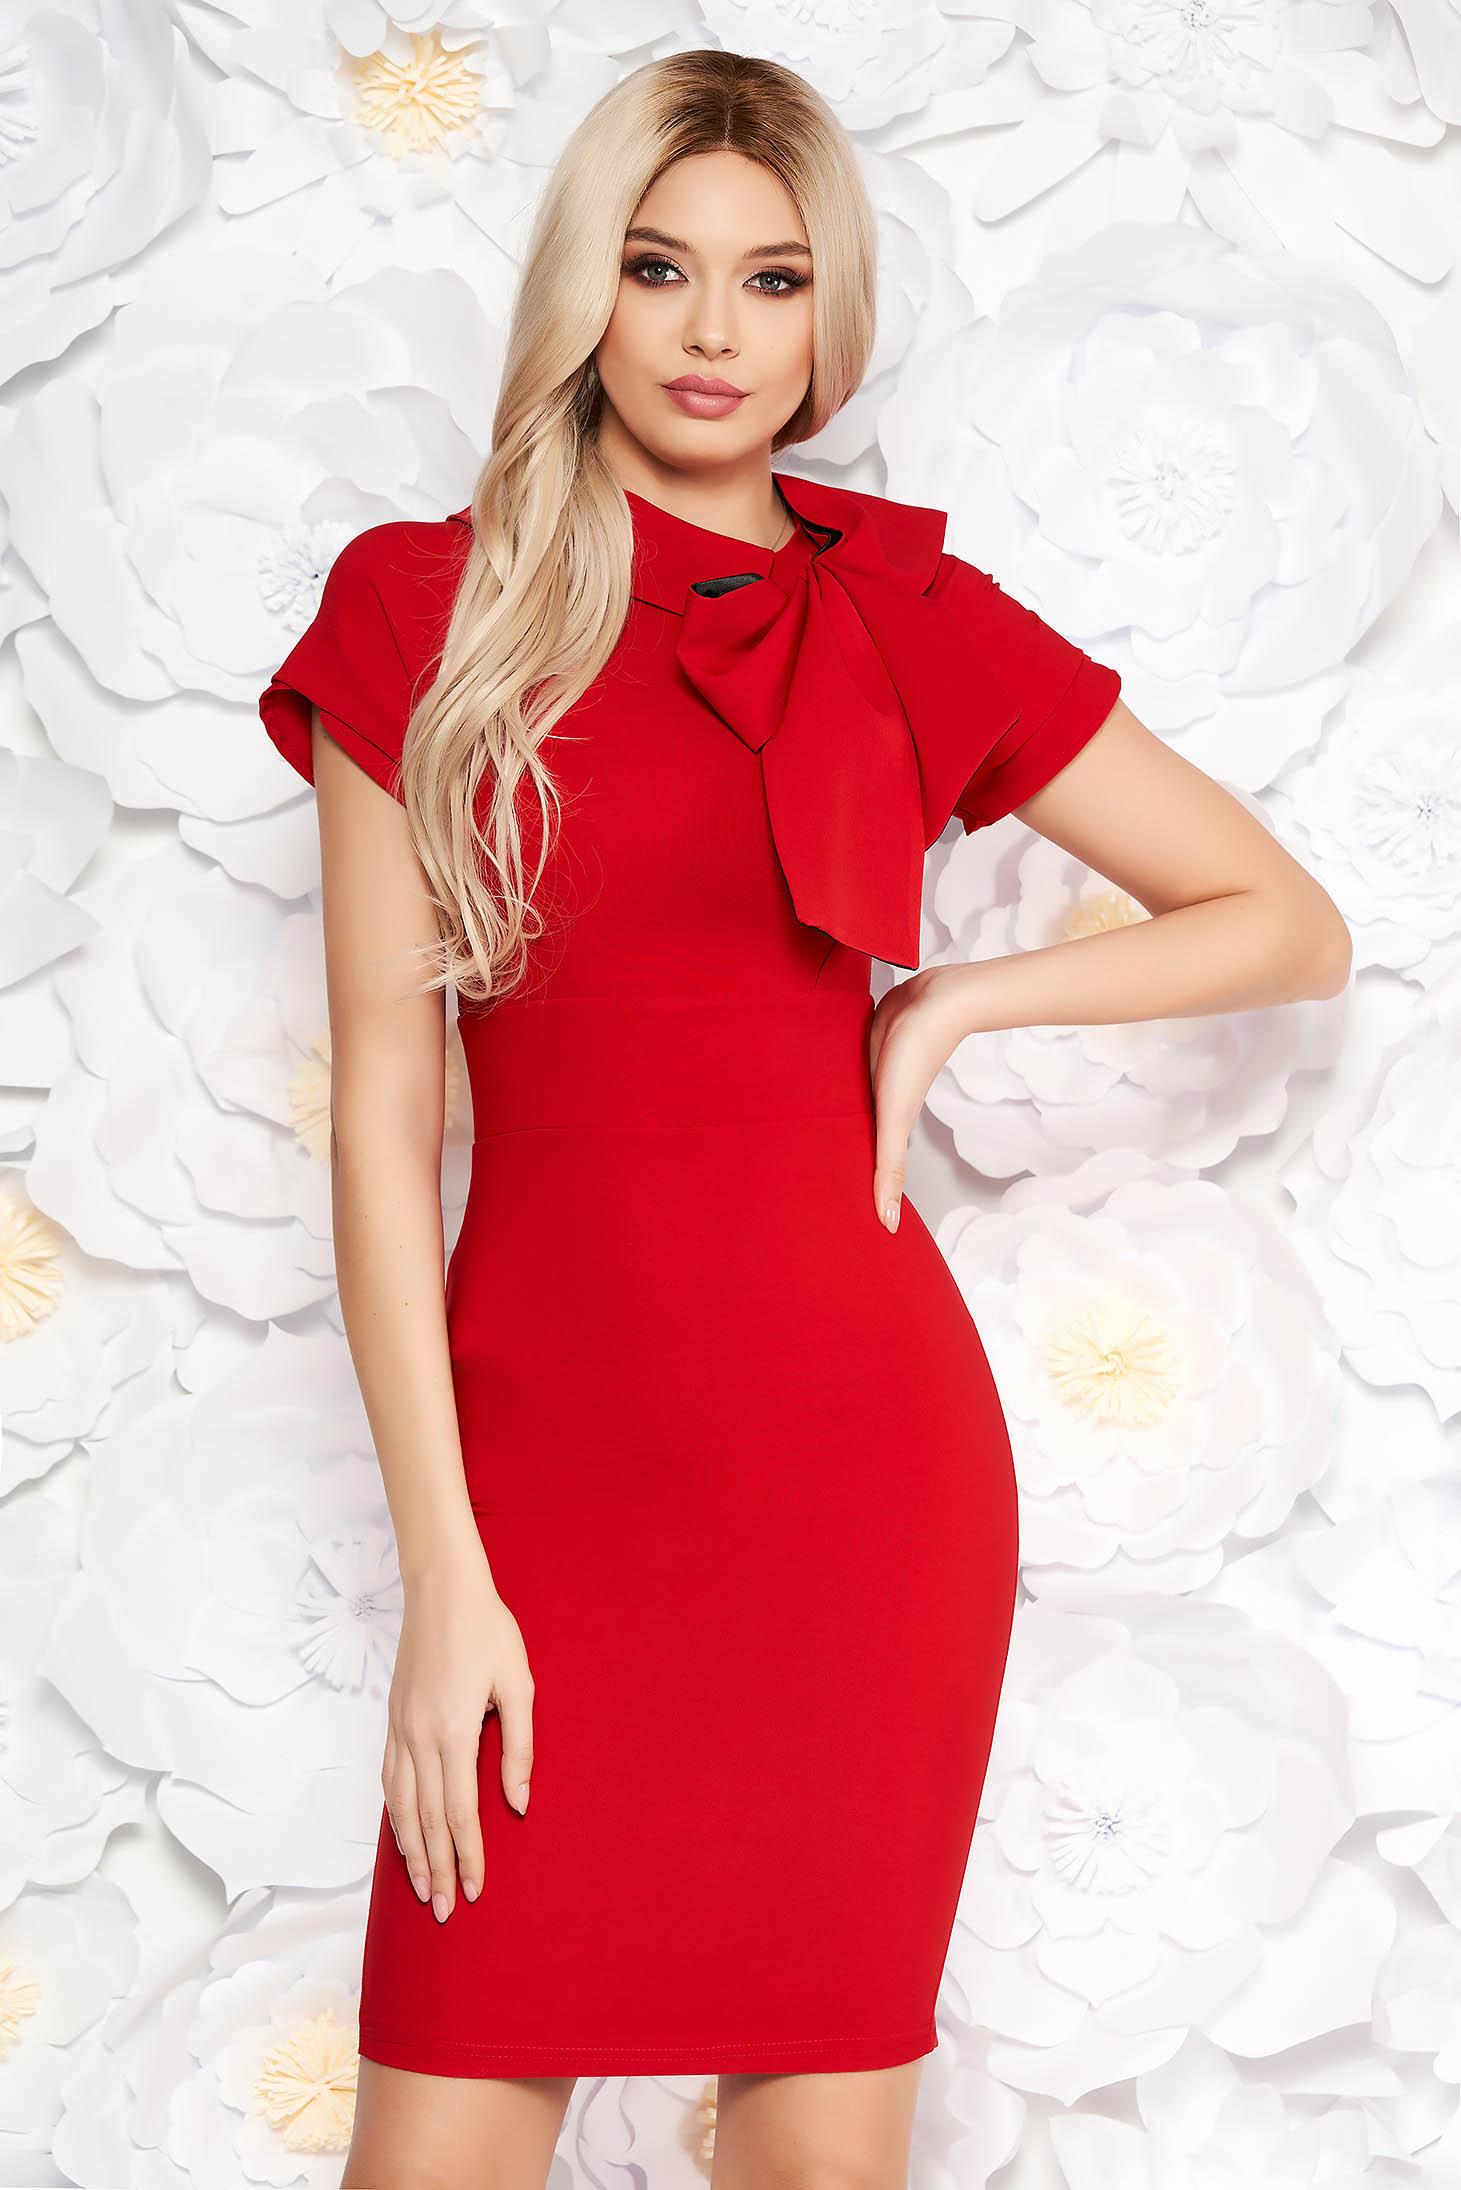 cfdcd38451 Elegáns piros Artista ruha ceruza enyhén rugalmas anyag masni díszítéssel